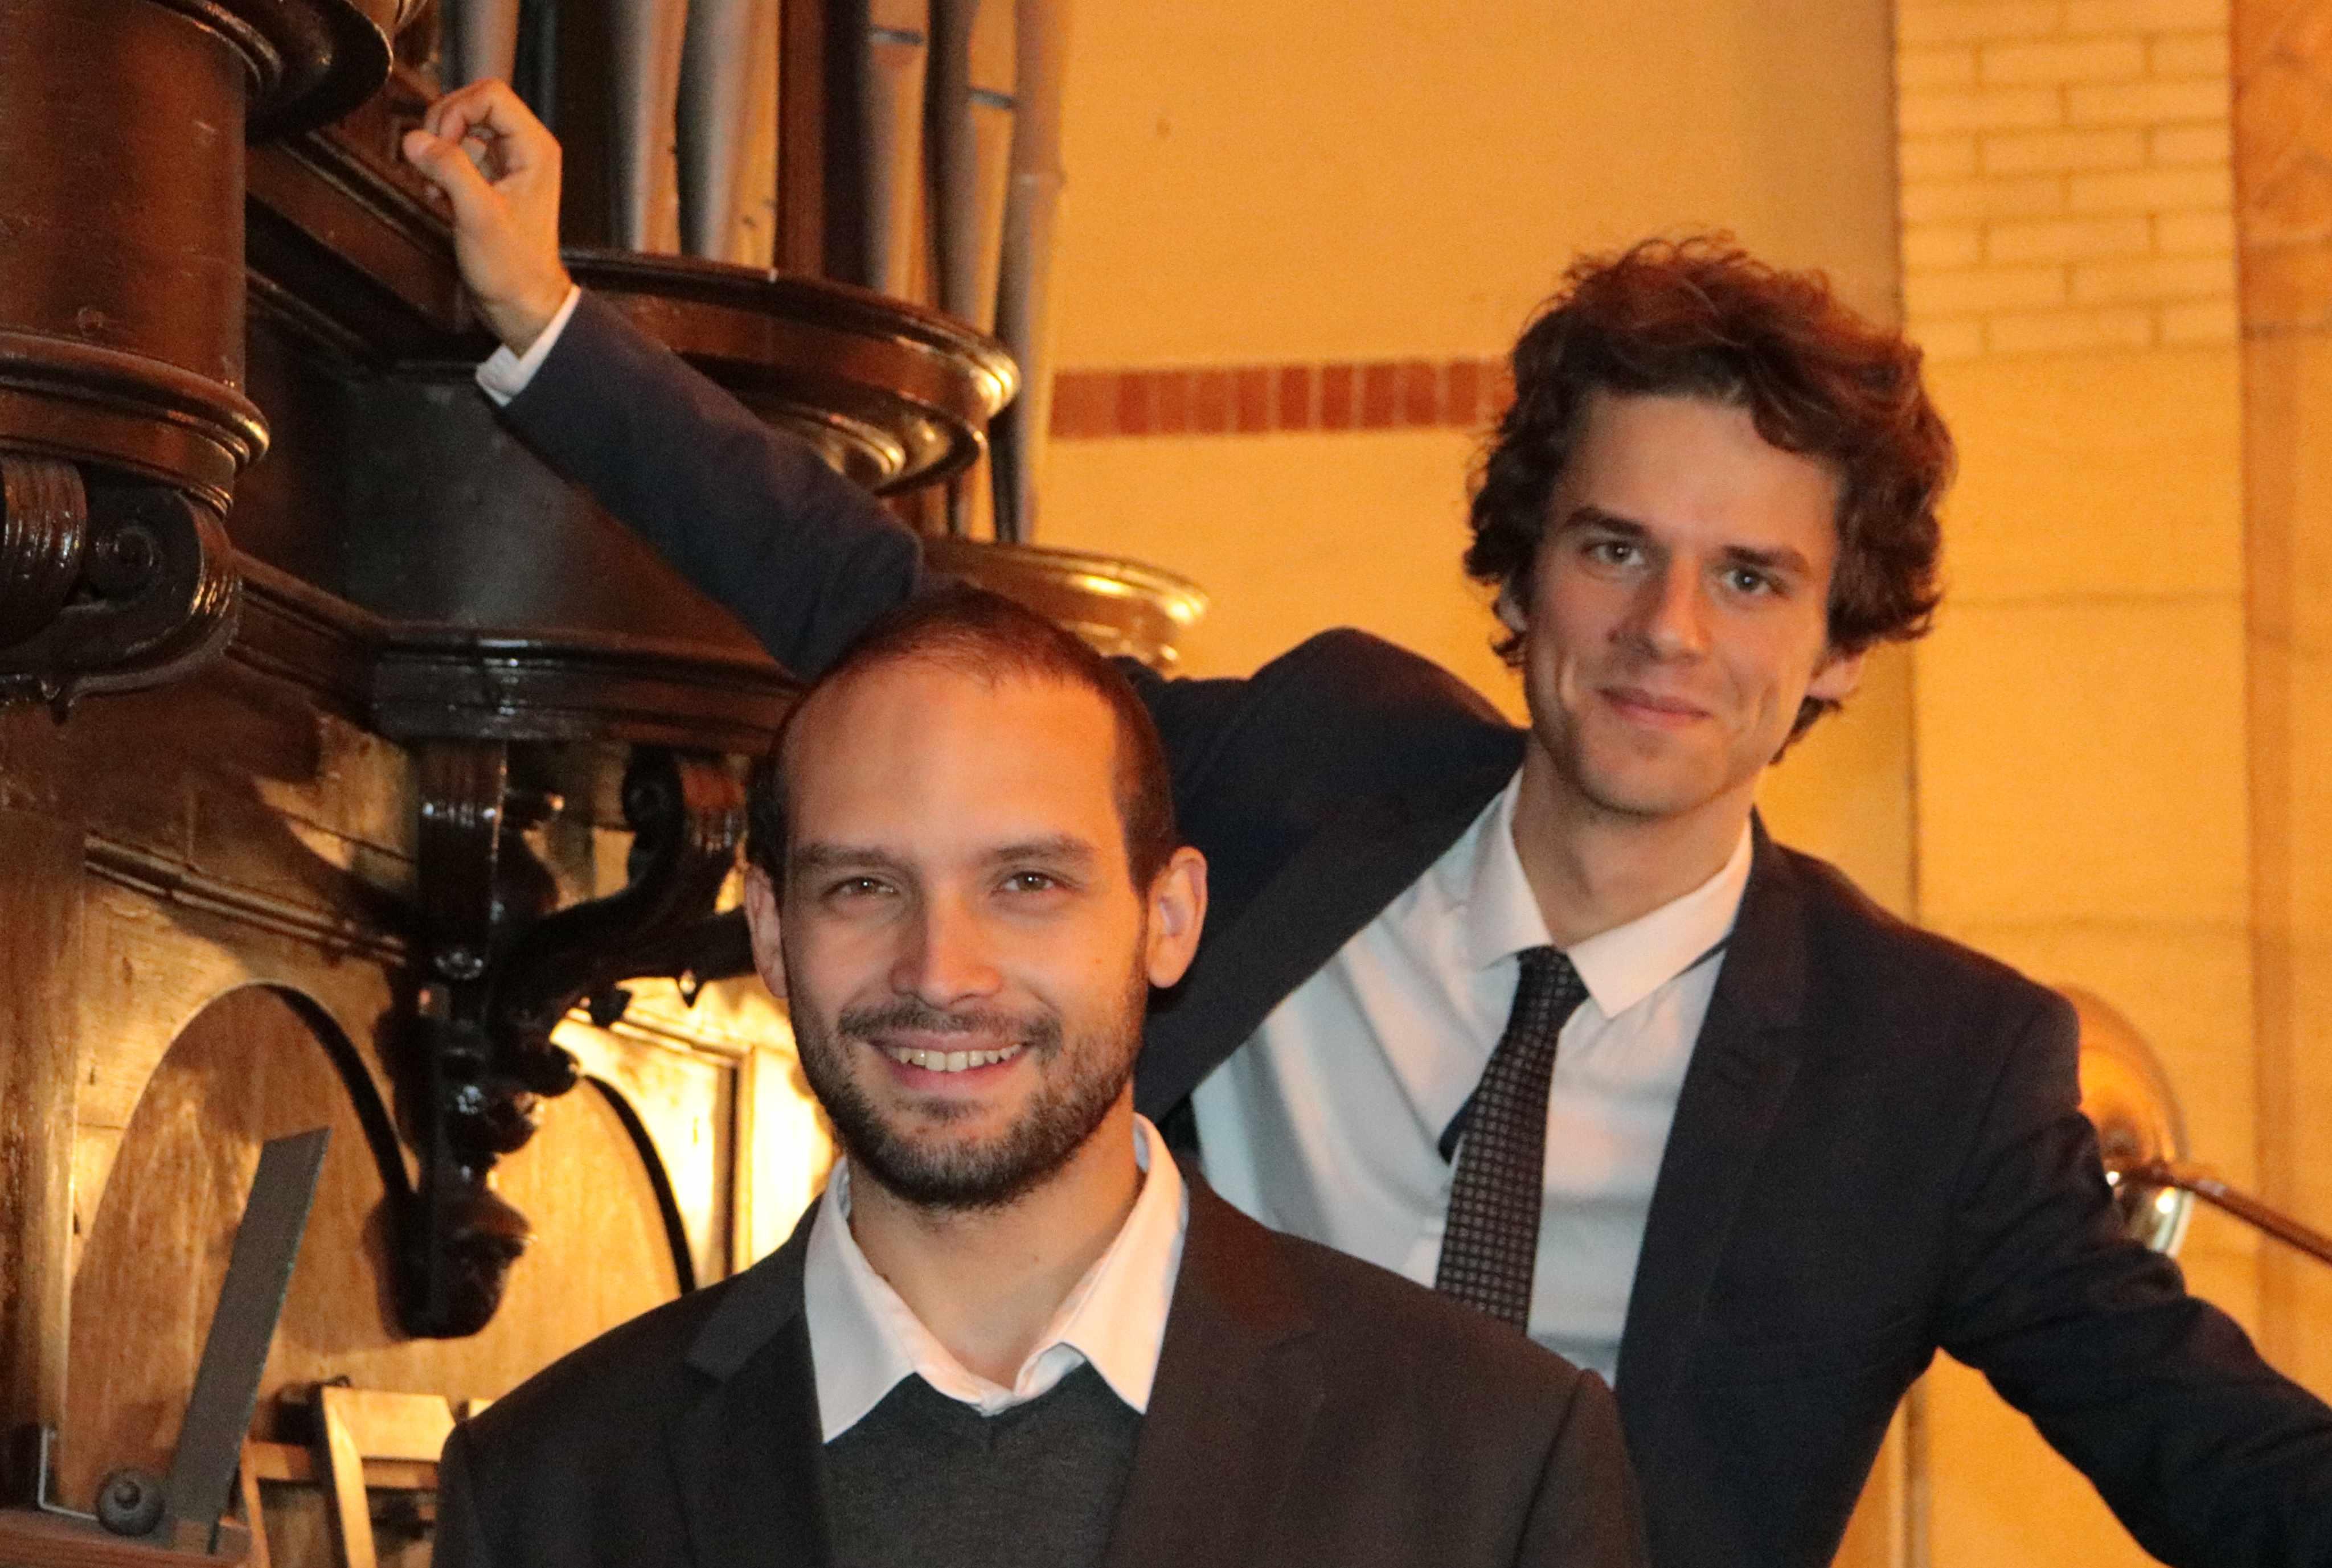 Le violoncelliste Thibaut Reznicek (2è plan) et l'organiste Quentin Guerillot Photo : Ph. Lécossais